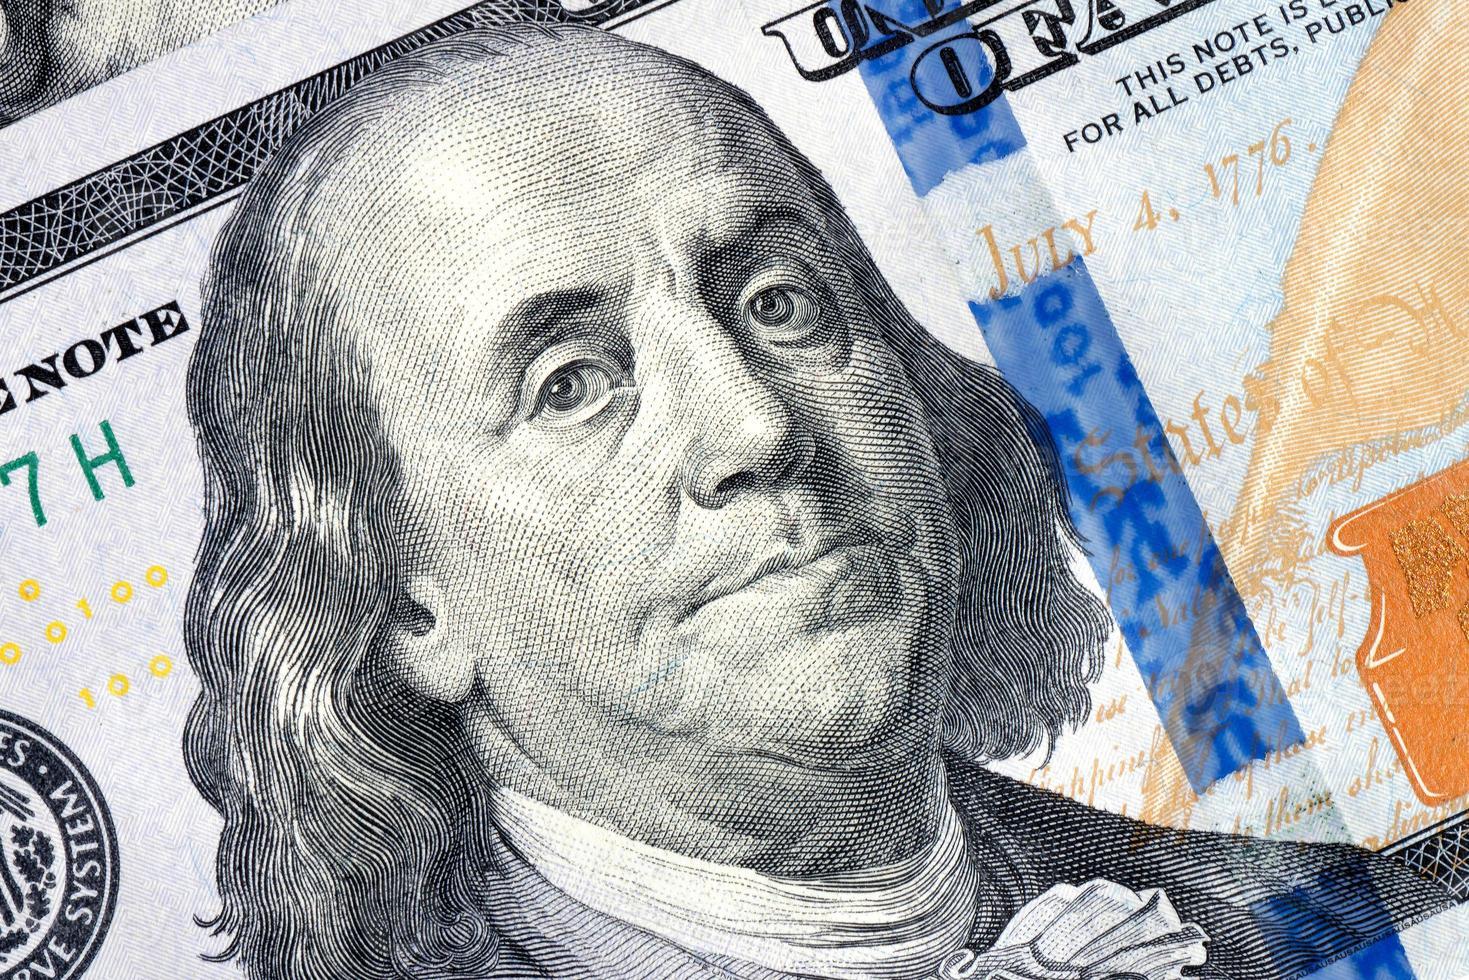 benjamin franklin nota de 100 dólares foto